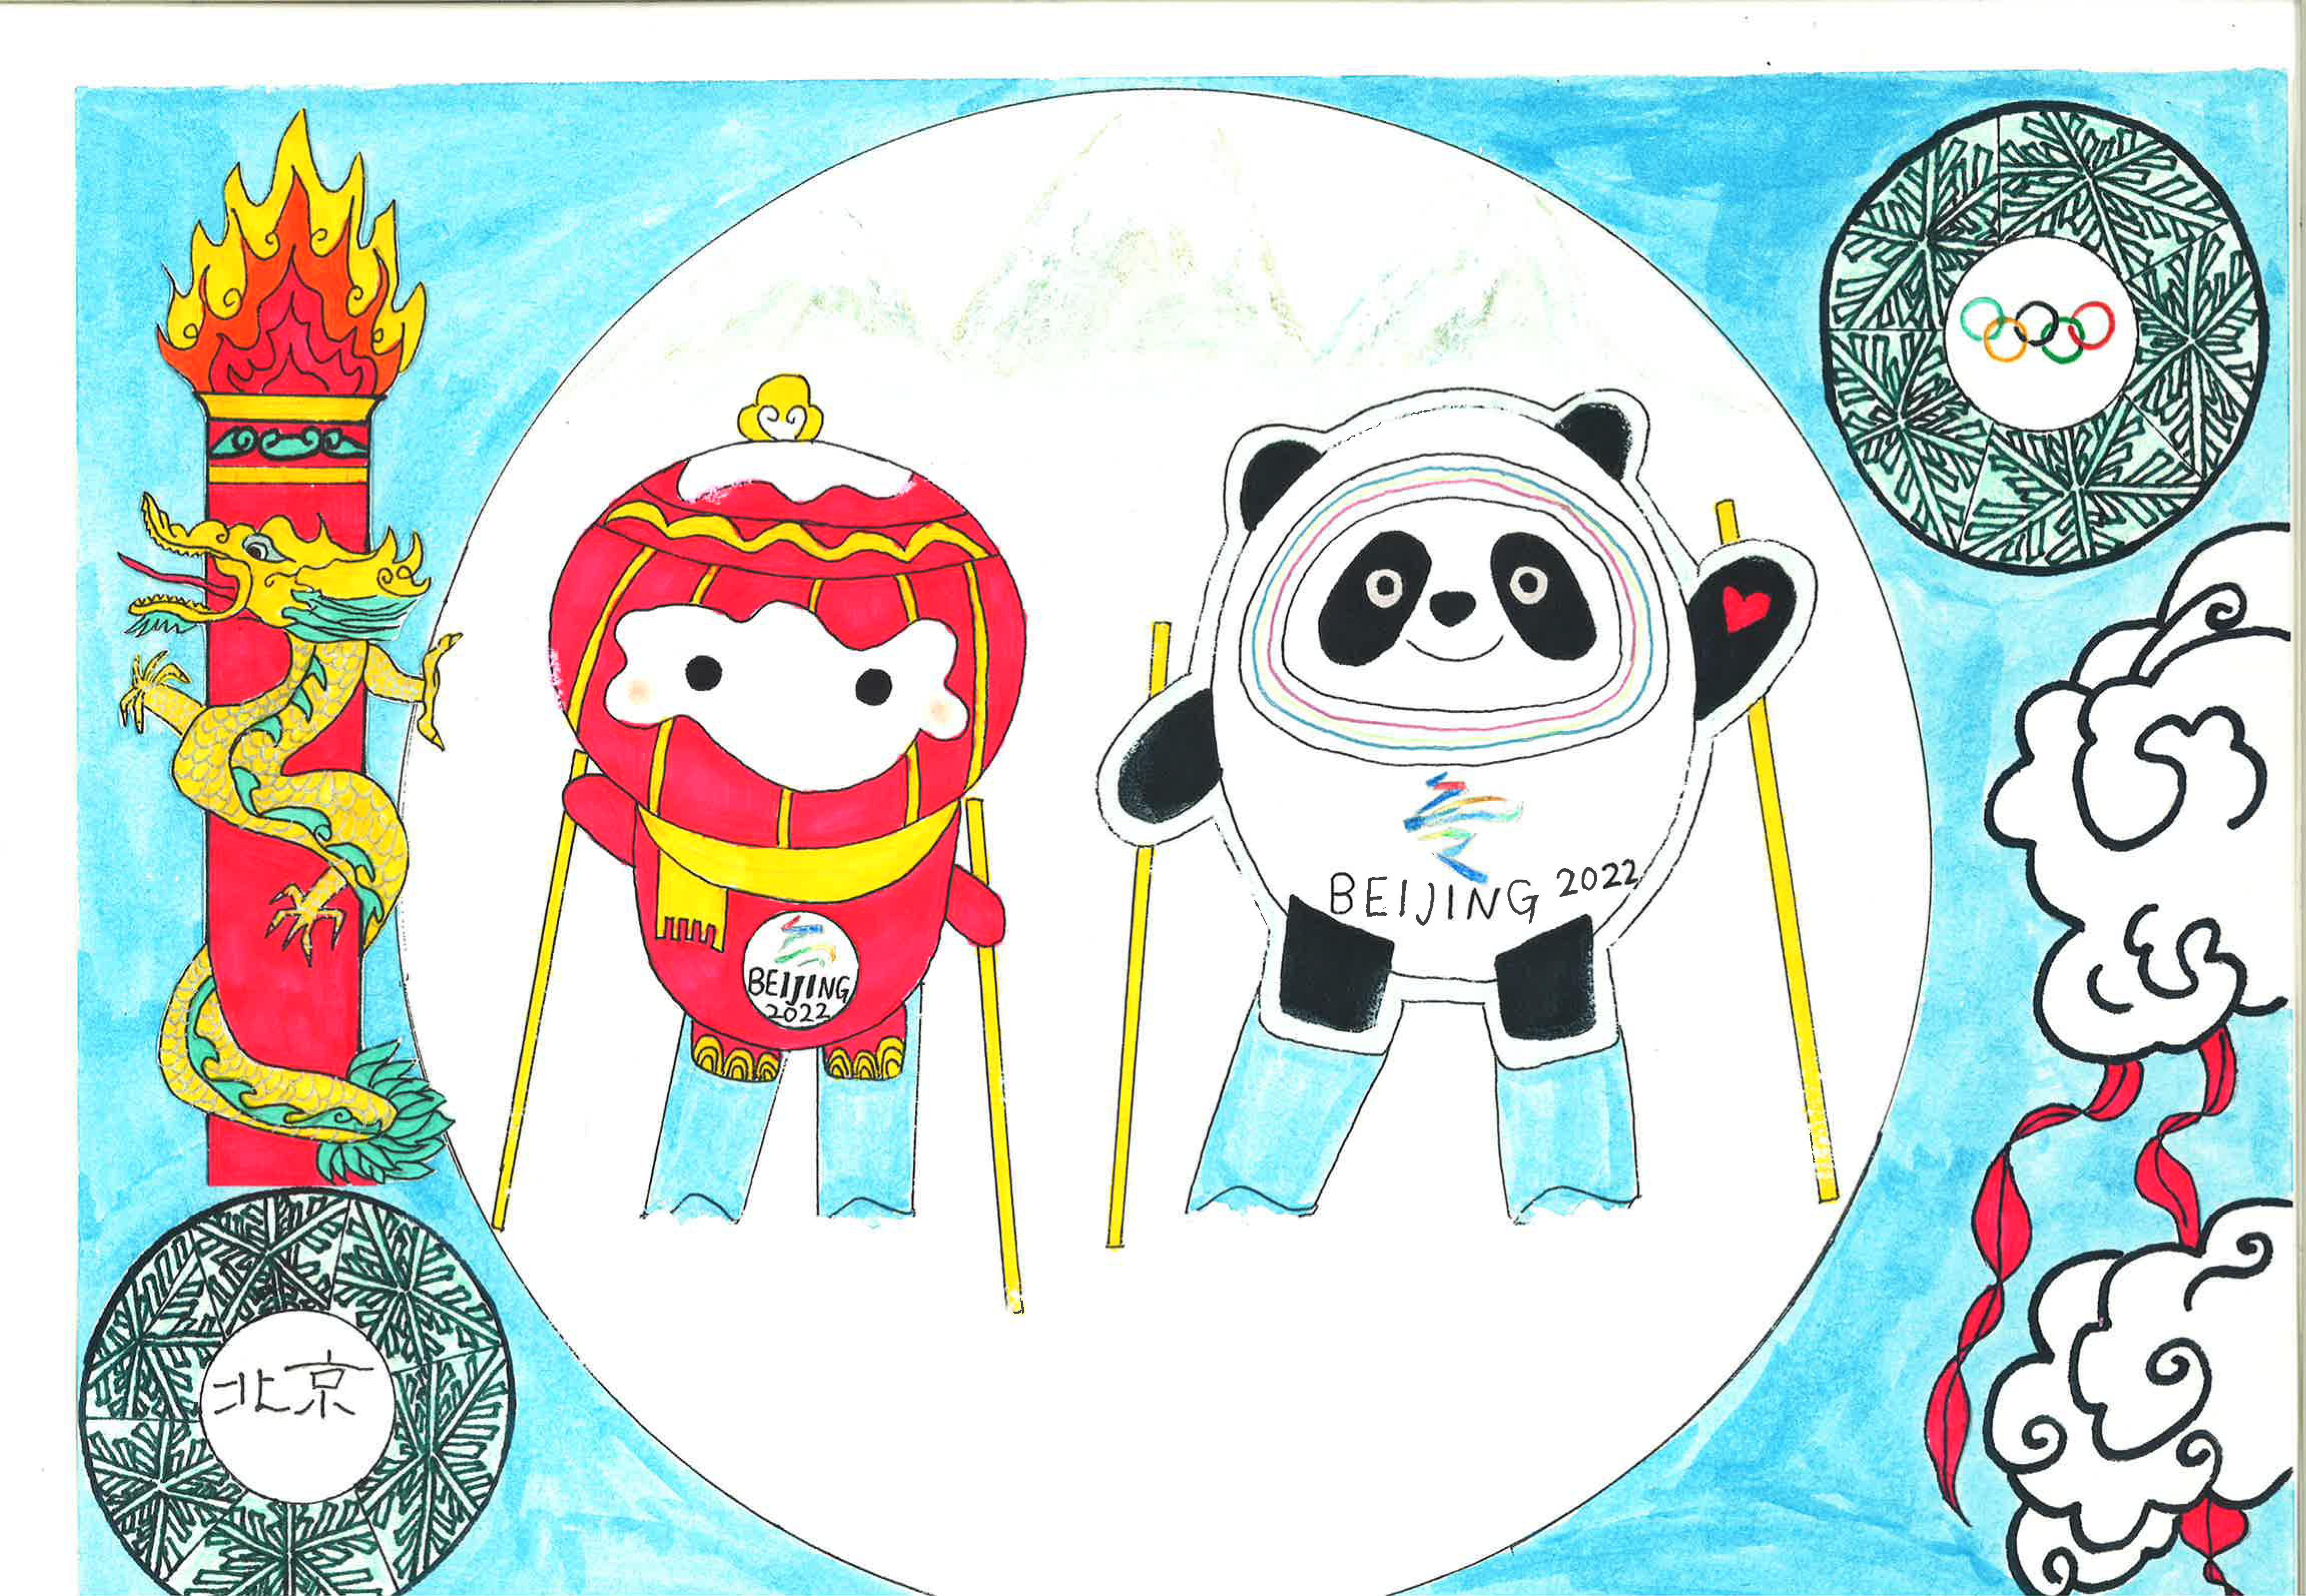 我的冬奥梦 My Winter Olympic Dream+王嘉愉 Wang Jiayu